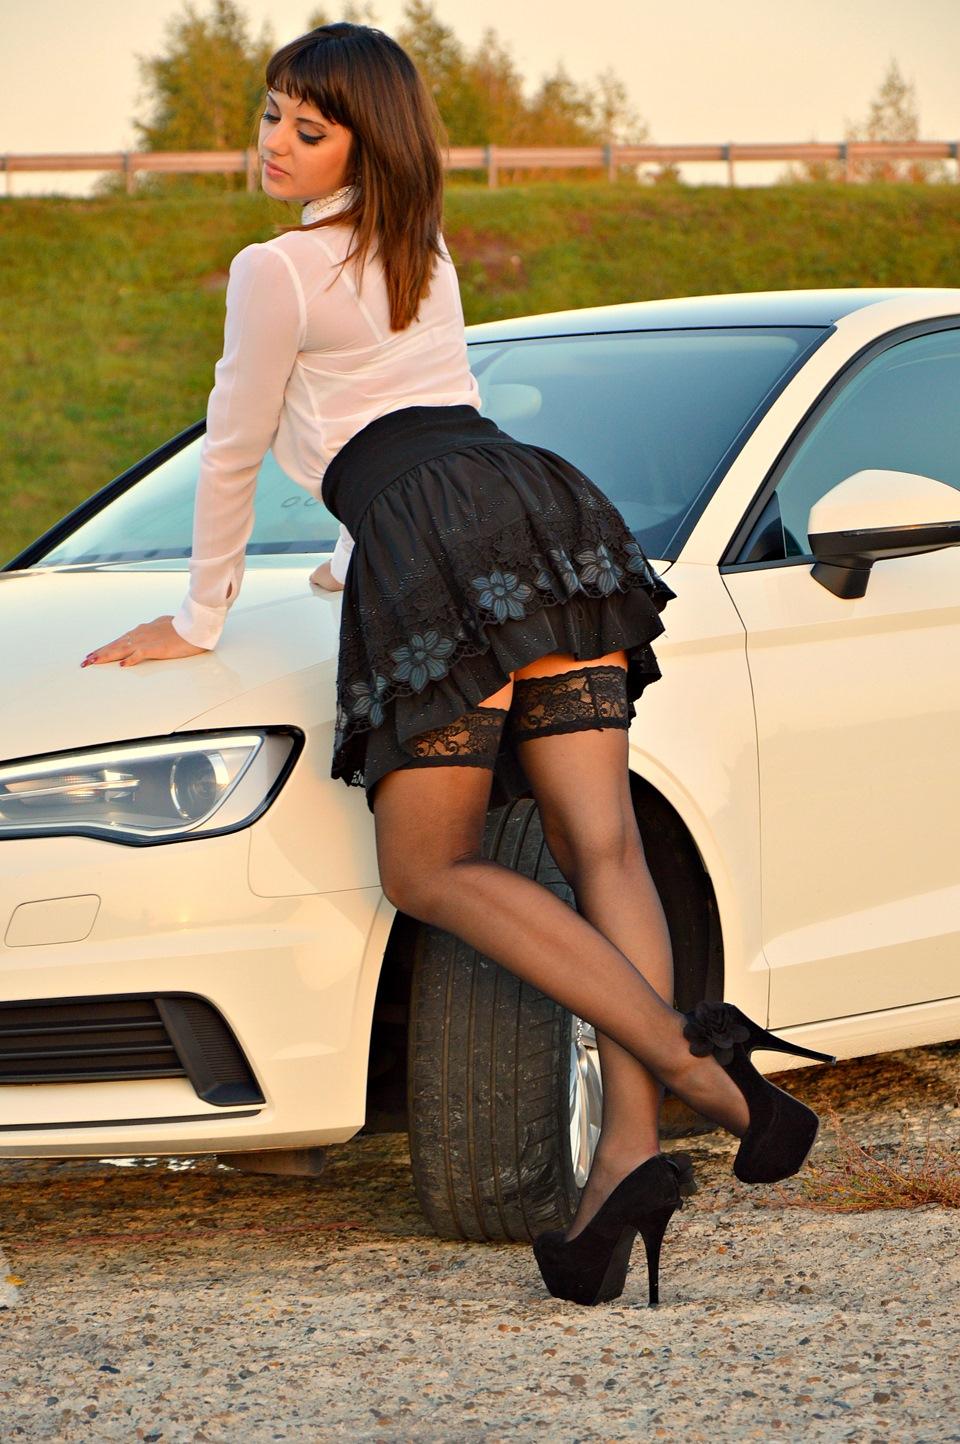 Широко раздвинутую фото девушки в чулках коротких юбках индивидуальные